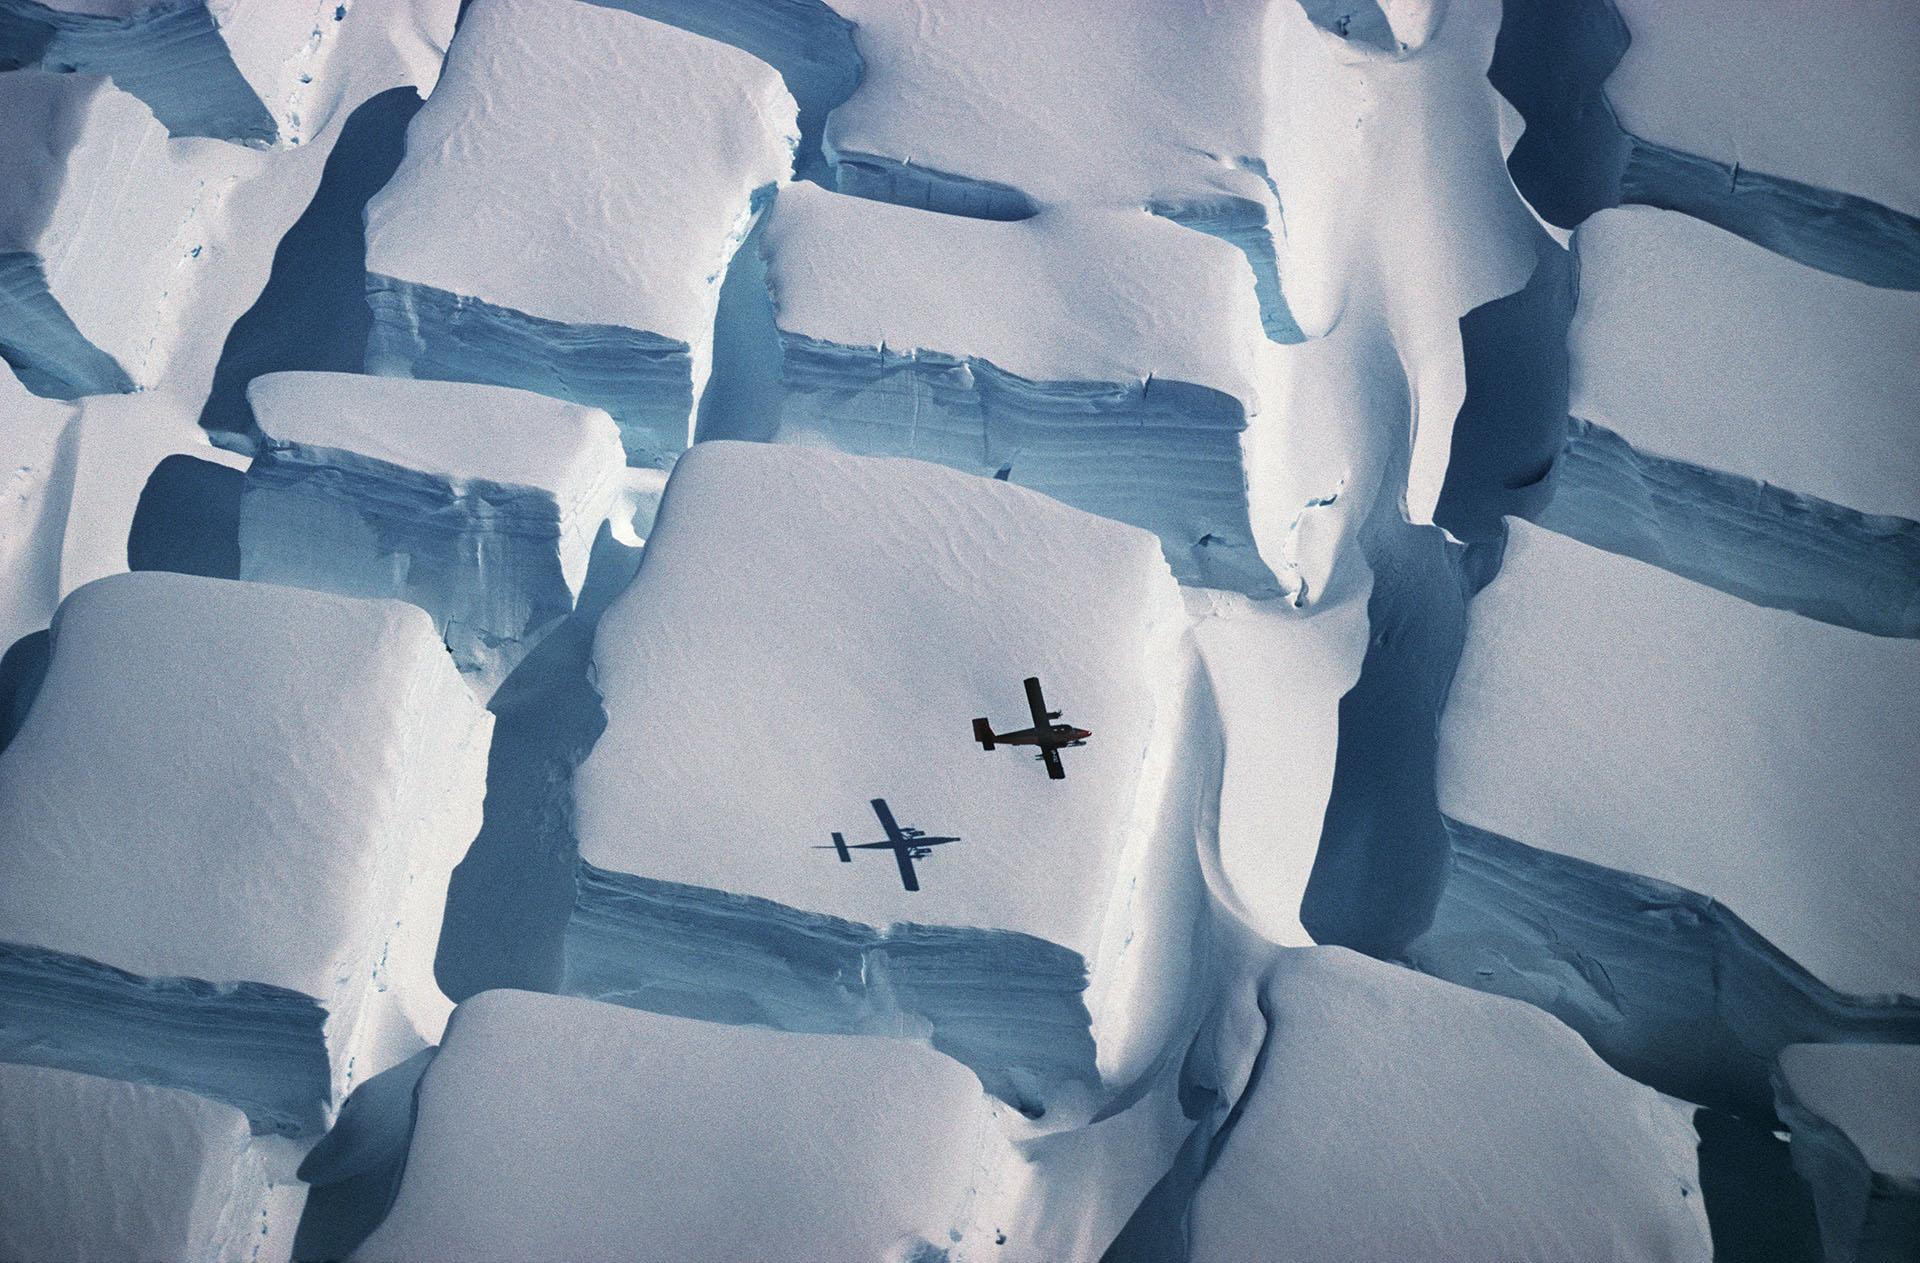 """Ganadora general y en categoría Ciencias de la Tierra y climatología. """"Cubitos de azúcar helados"""", por Peter Convey. La escala de la Antártida es impresionante pero difícil de entender. Esta foto, tomada a principios de 1995 durante un vuelo sobre la costa inglesa (península Antártica austral) a unos 74 grados al sur, ilustra la escala de grietas bidireccionales inusuales cuando una capa de hielo se estira en dos direcciones sobre una elevación subyacente, con un Avión Twin Otter para la escala. La foto fue tomada con una cámara Pentax ME Super y con un zoom de 70-300 mm en una película de diapositivas Kodachrome 64, sin detalles técnicos registrados, y ha sido escaneada en el British Antarctic Survey"""